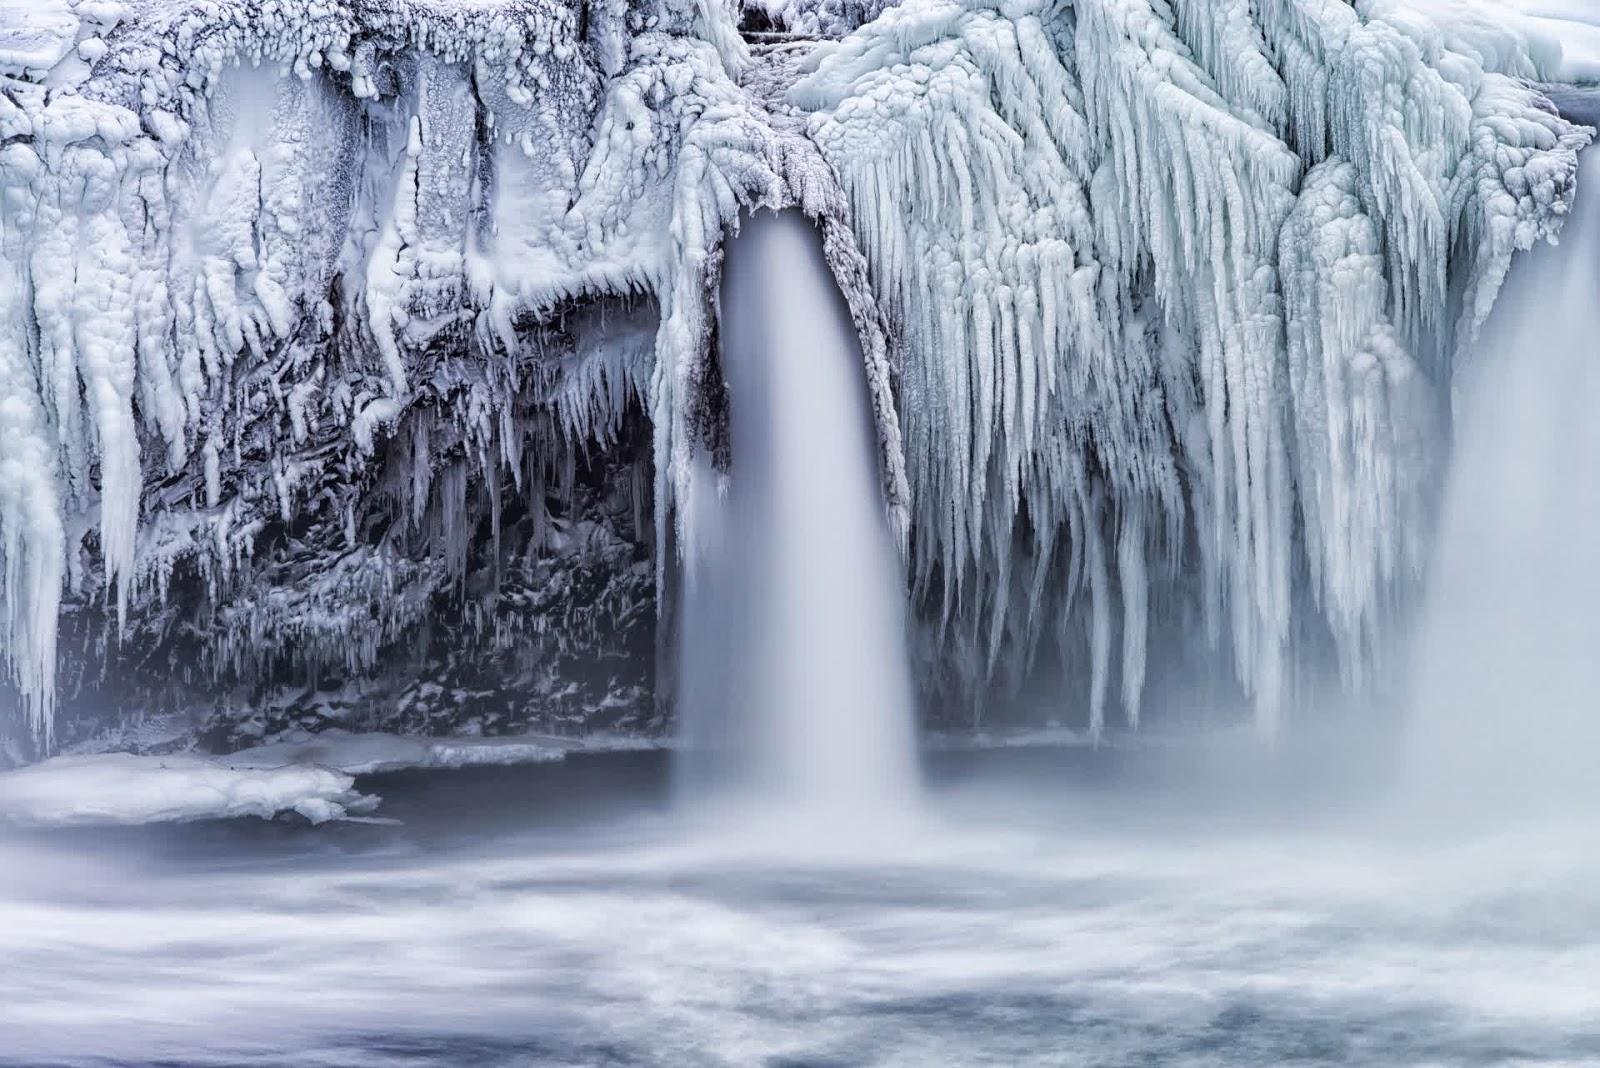 Frozen Waterfall, USA